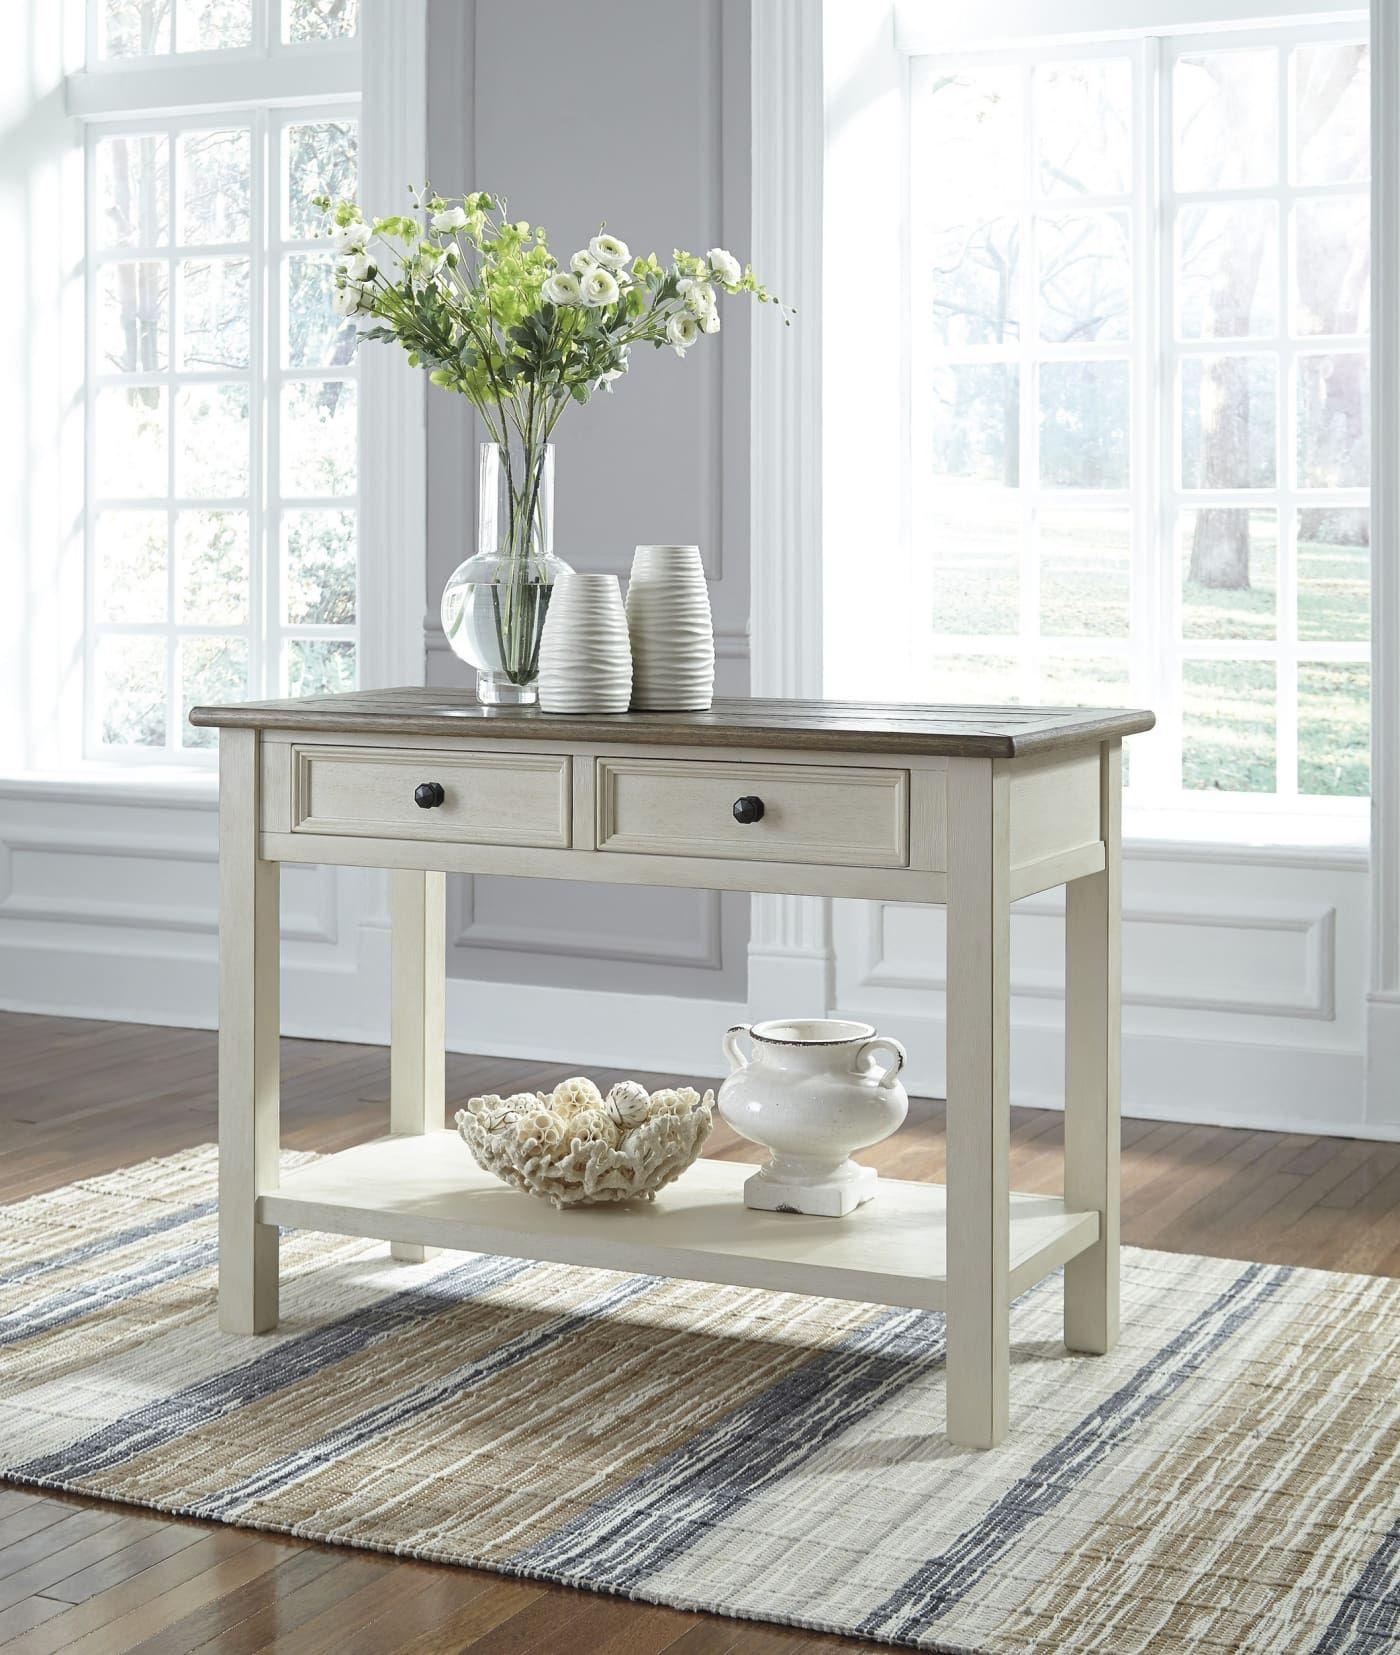 Signature Design by Ashley Bolanburg Twotone Sofa Table